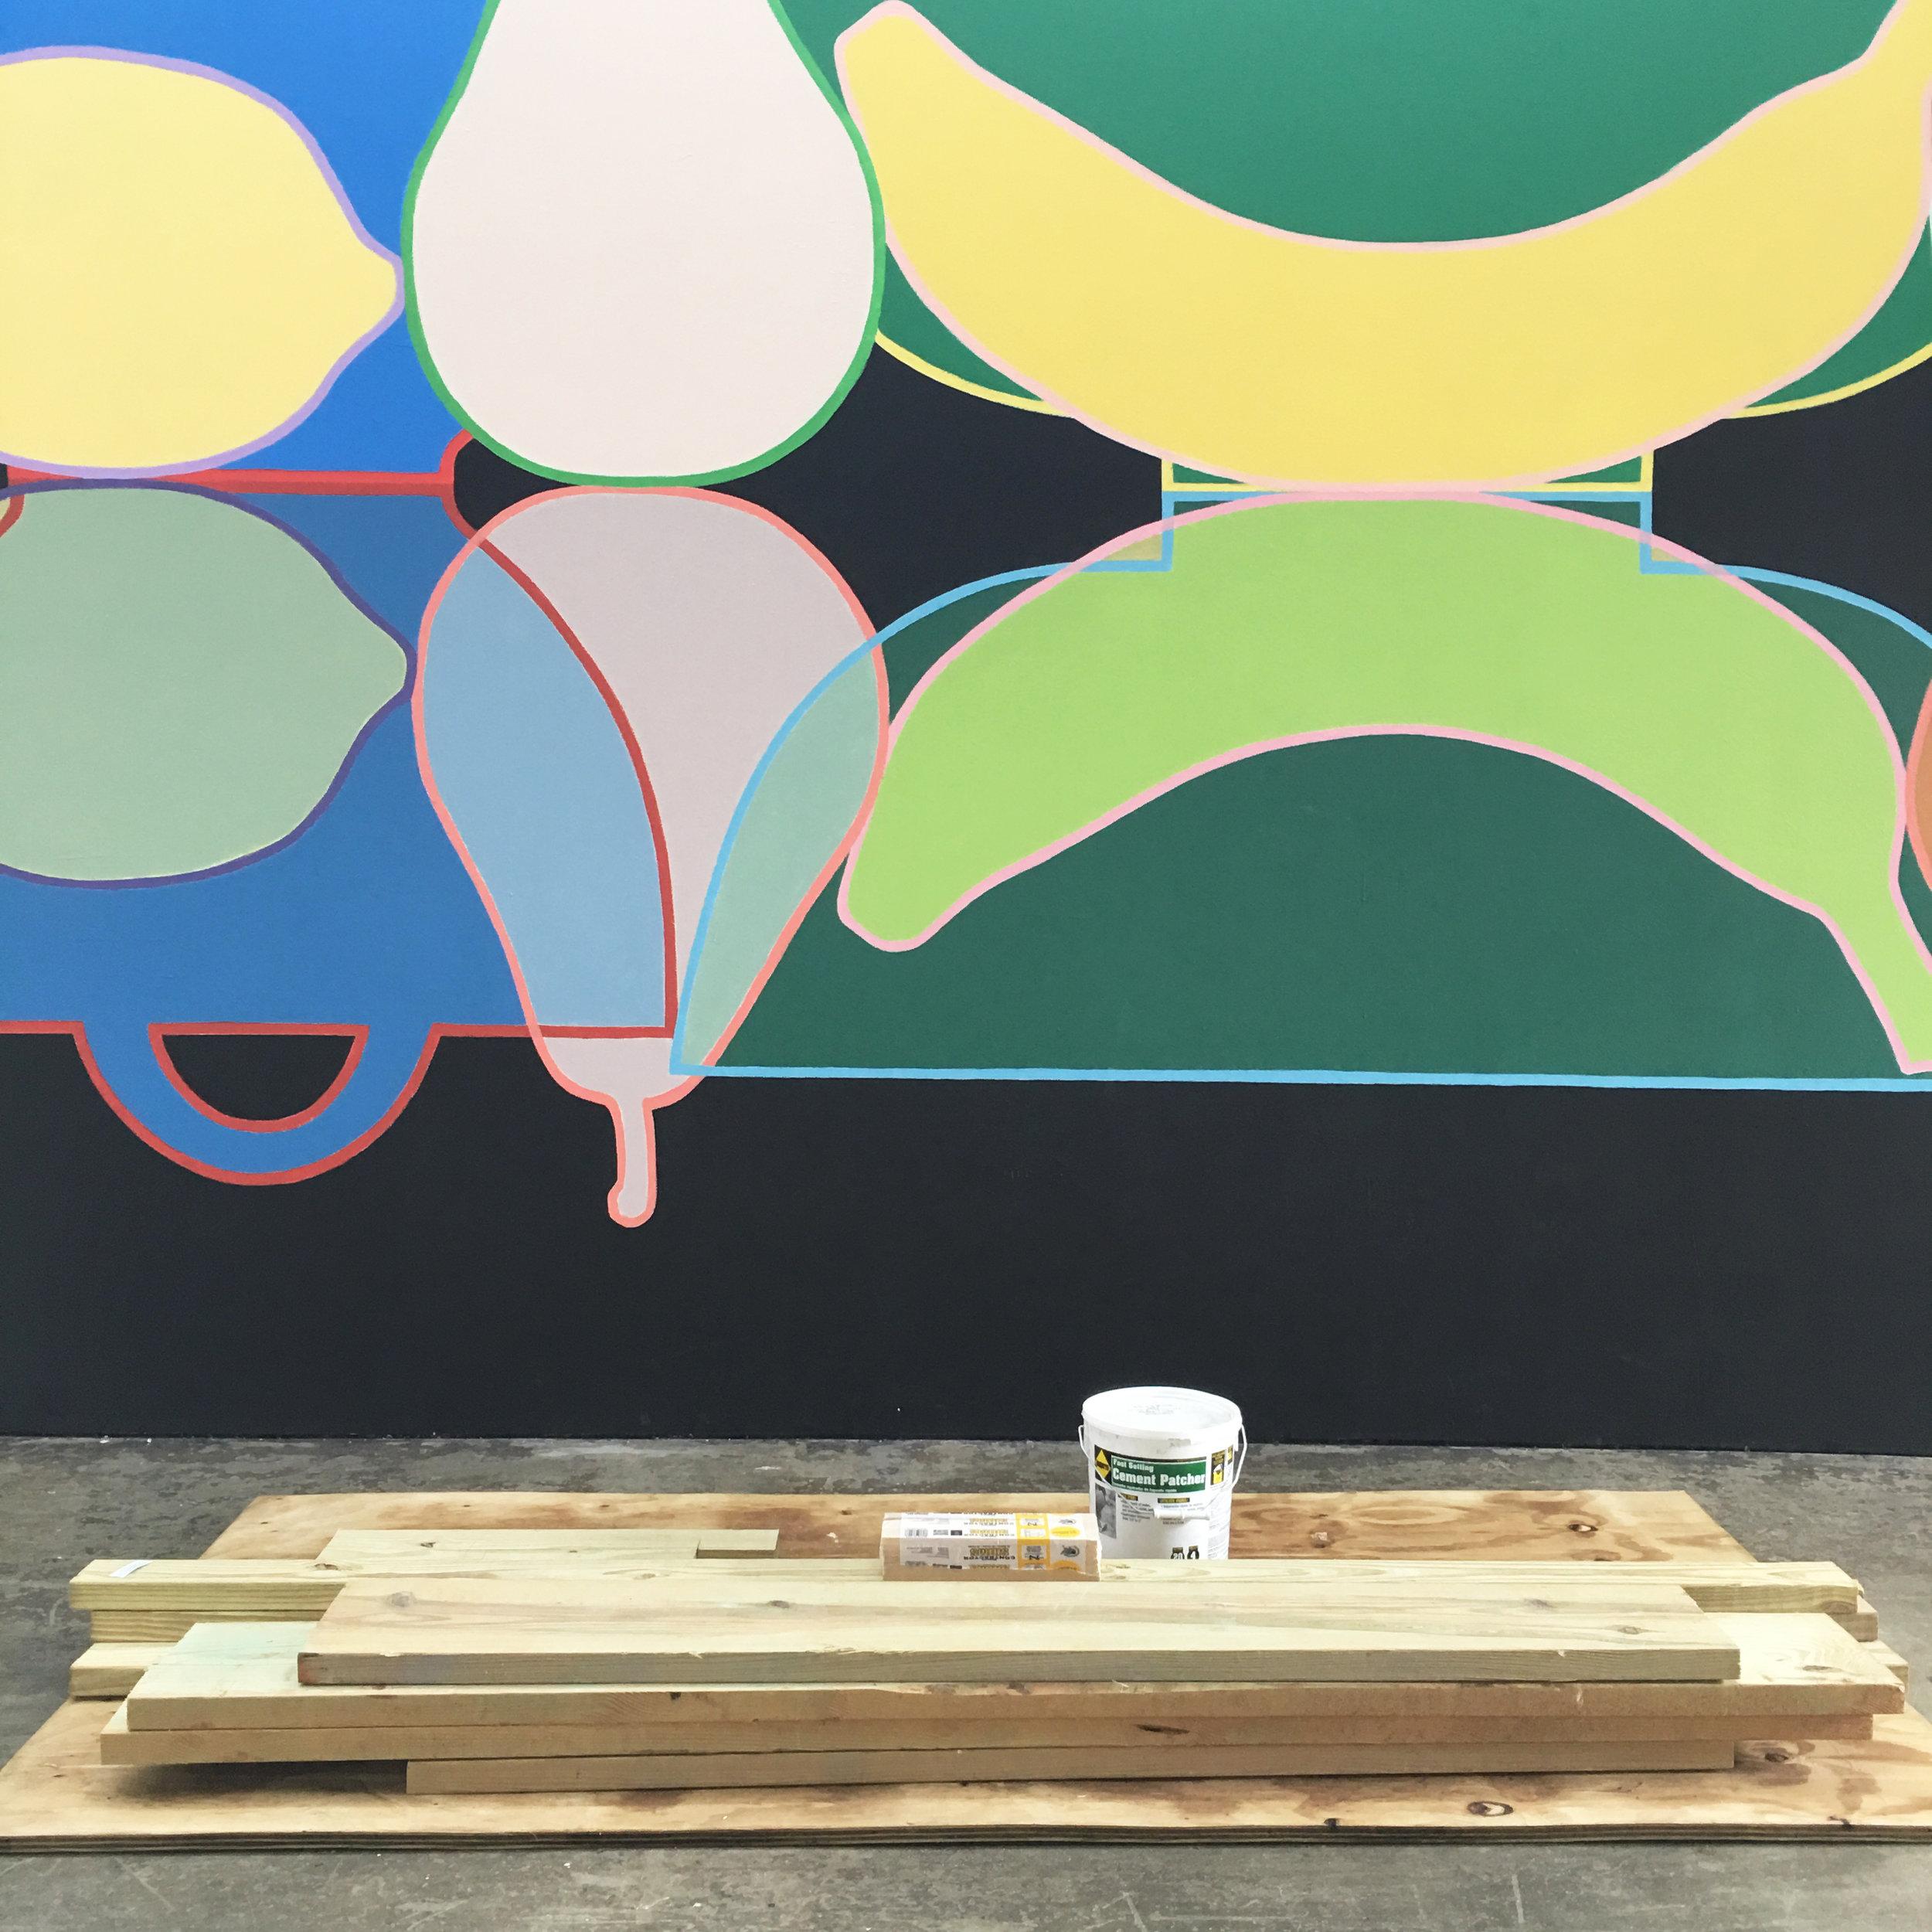 Atlanta Contemporary between exhibitions